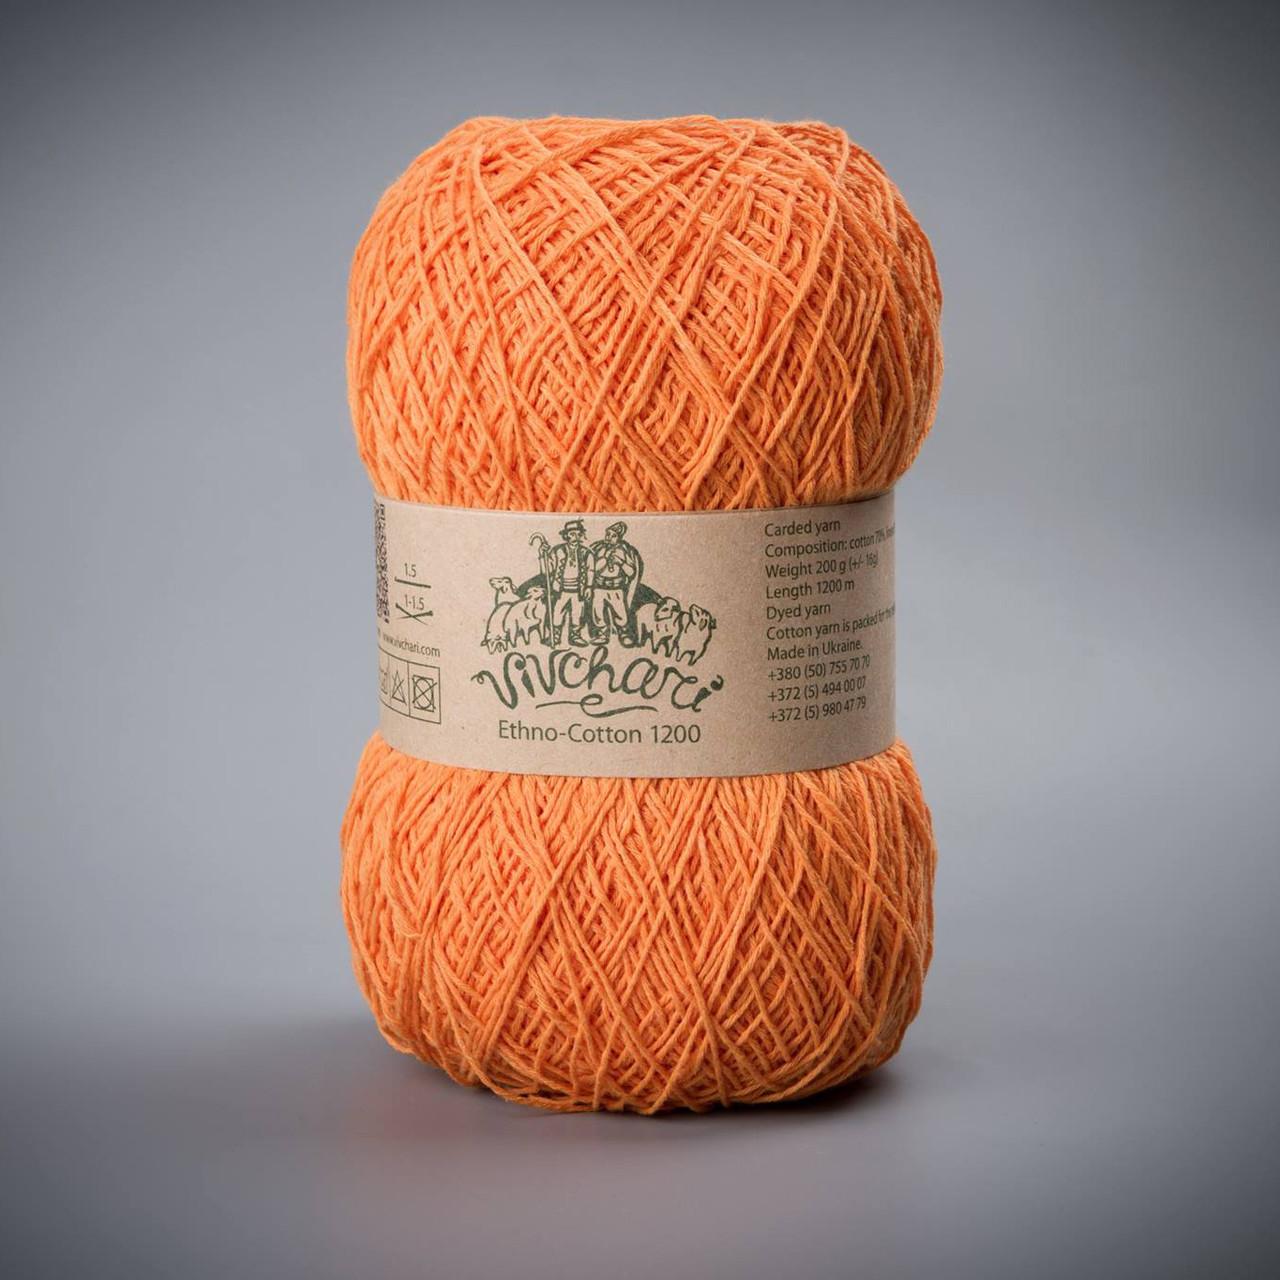 Летняя пряжа для вязания спицами хлопок и лен 1200 ТМ Vivchari, цвет 009 оранжевый